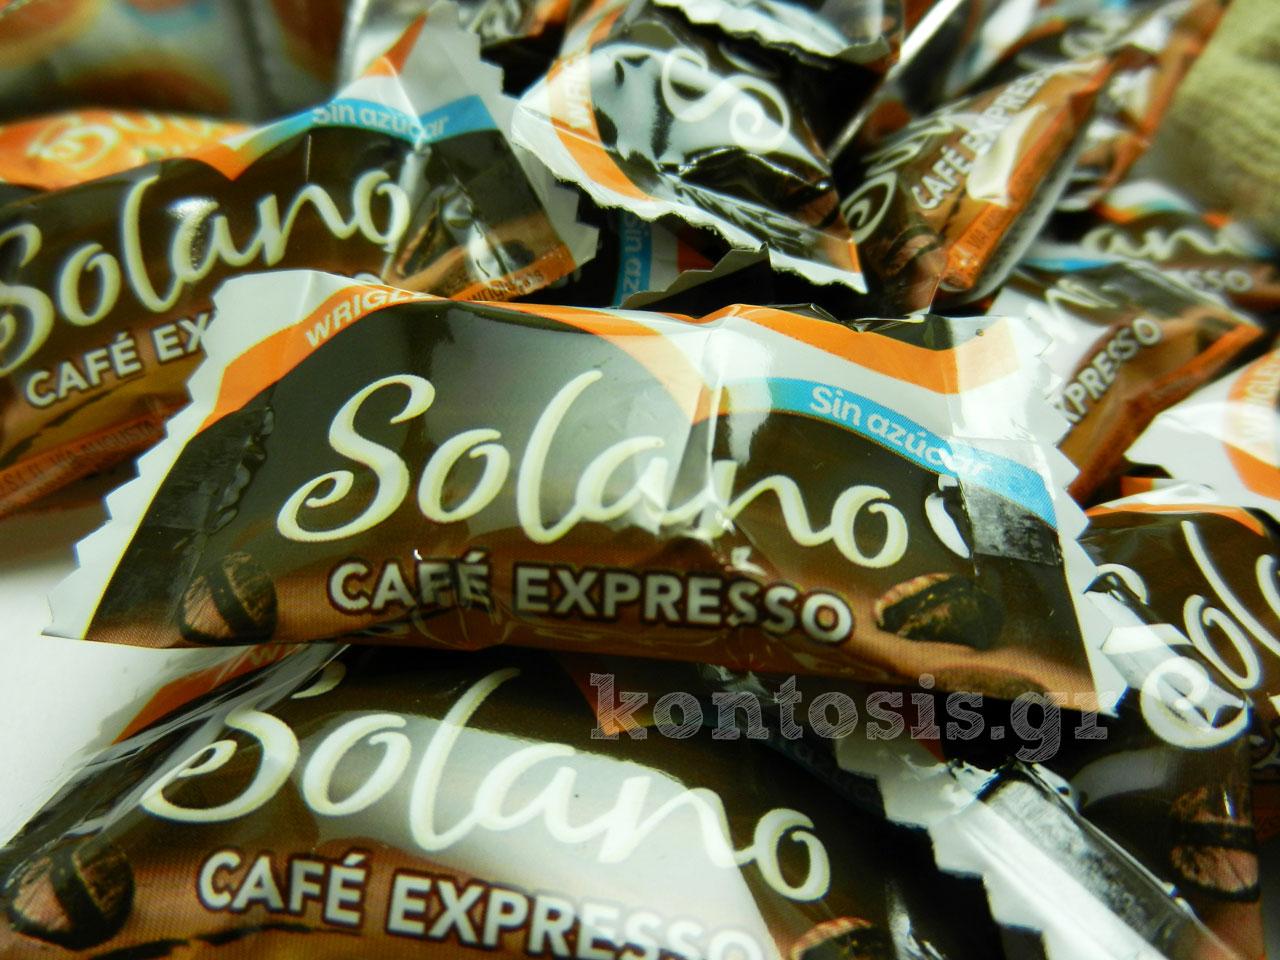 Karameles espresso cafe expresso)